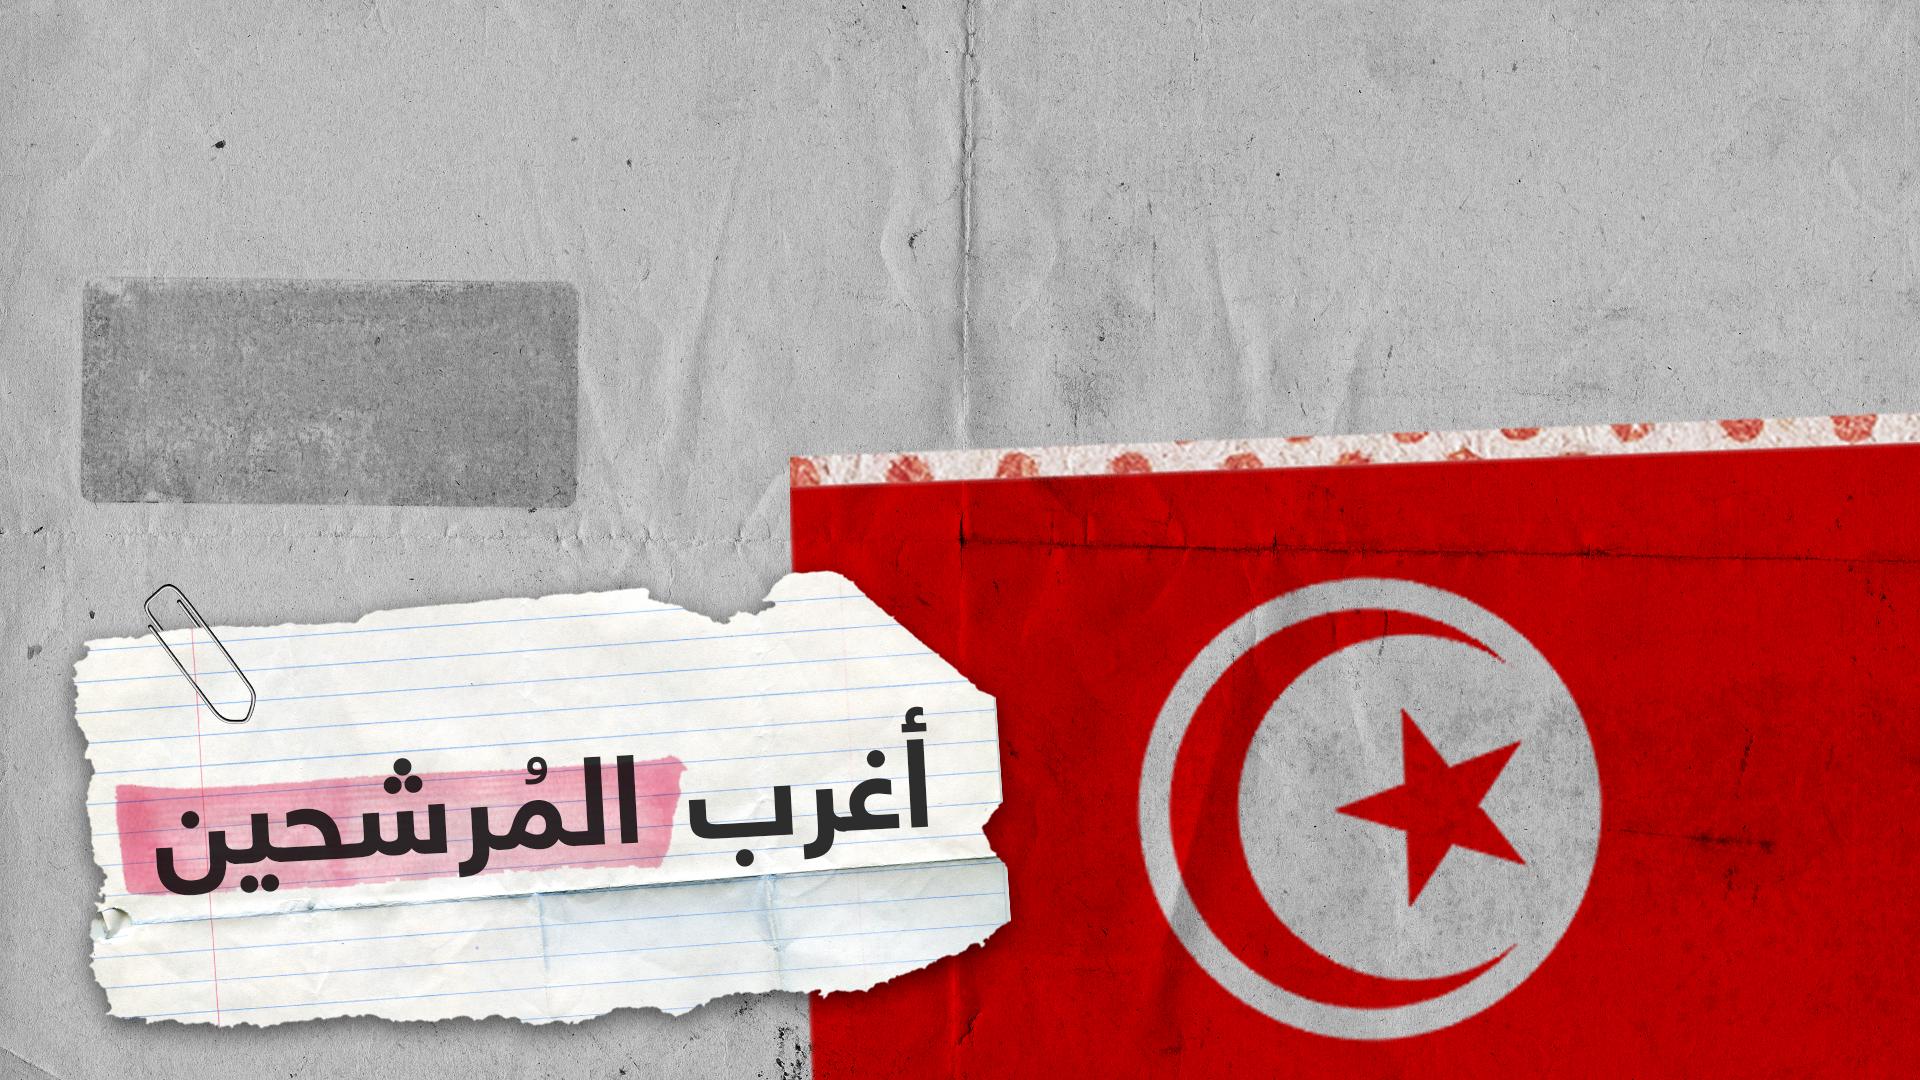 بعد الراقصة.. تعرف على أغرب المترشحين للرئاسة التونسية